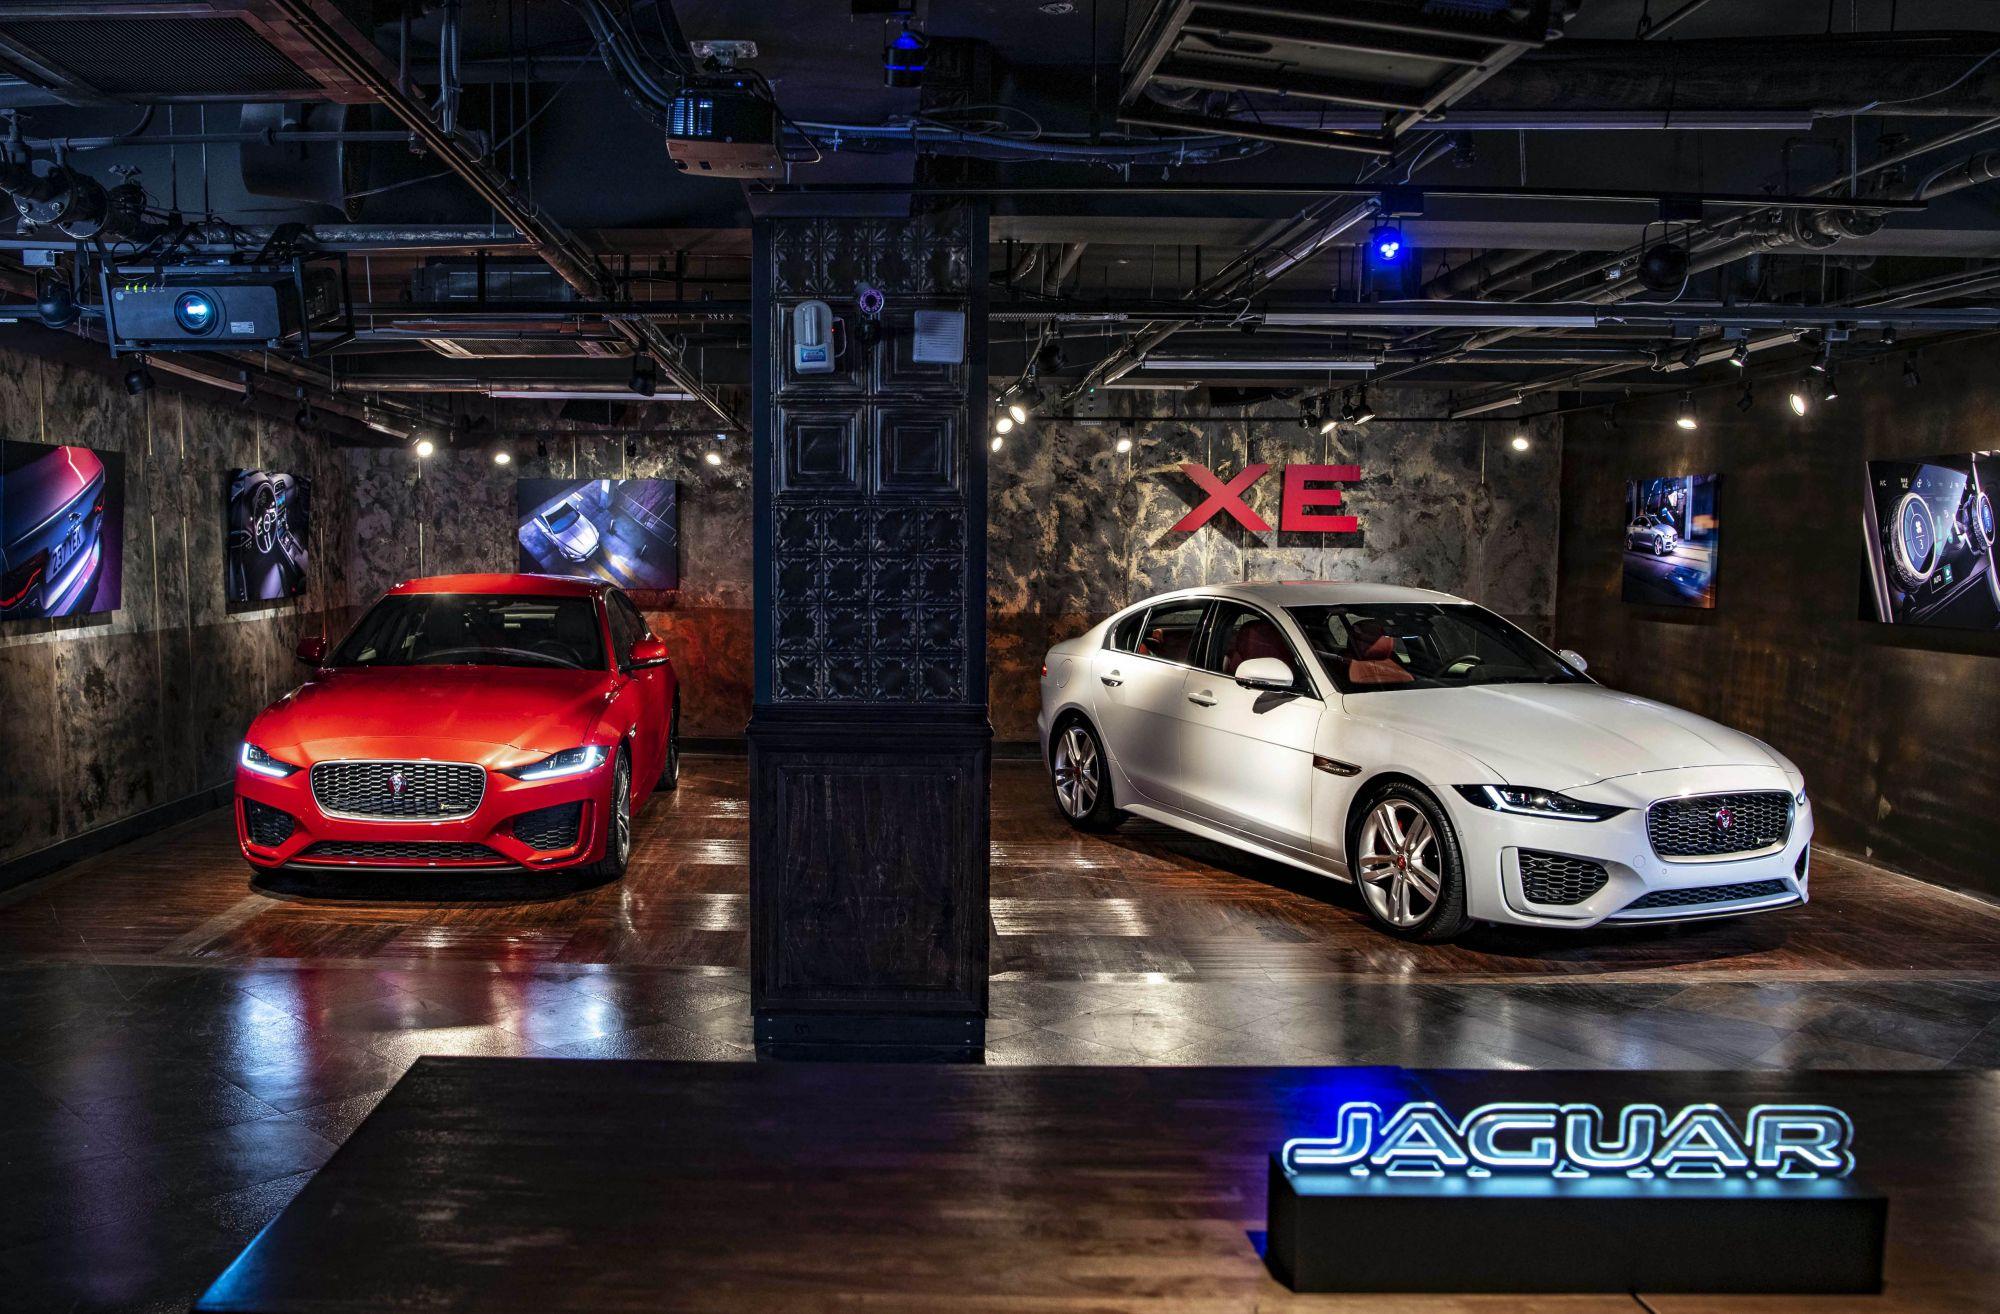 全新改款New Jaguar XE預告2020台北國際車展登場!動力升級全新再進化